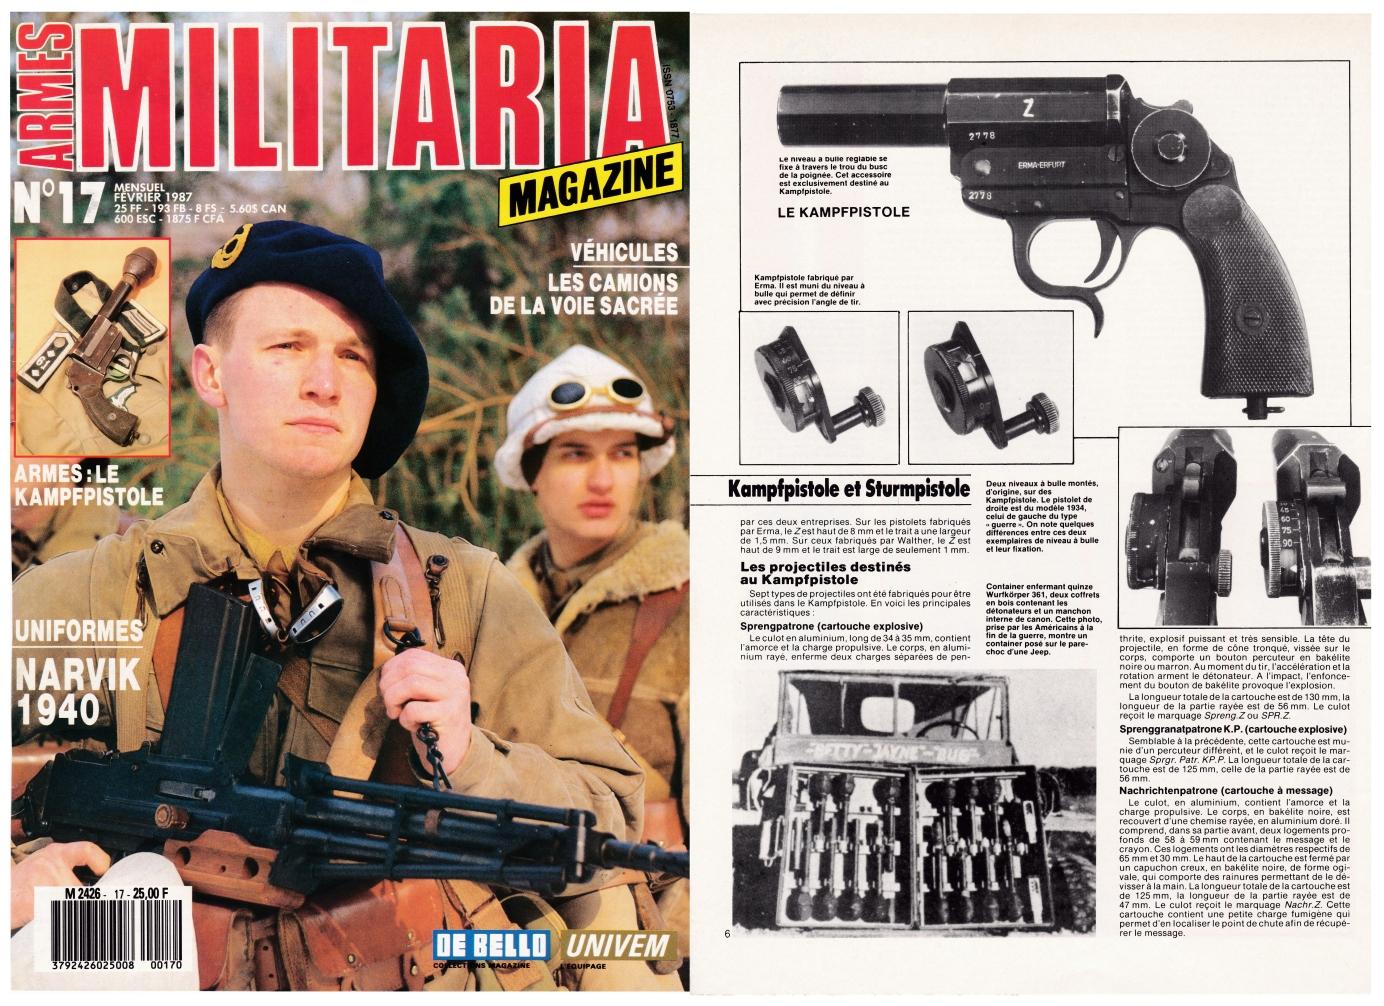 Les pistolets allemands Kampfpistole et Sturmpistole ont fait l'objet d'une publication sur 6 pages dans le magazine Militaria N°17 (février 1987).